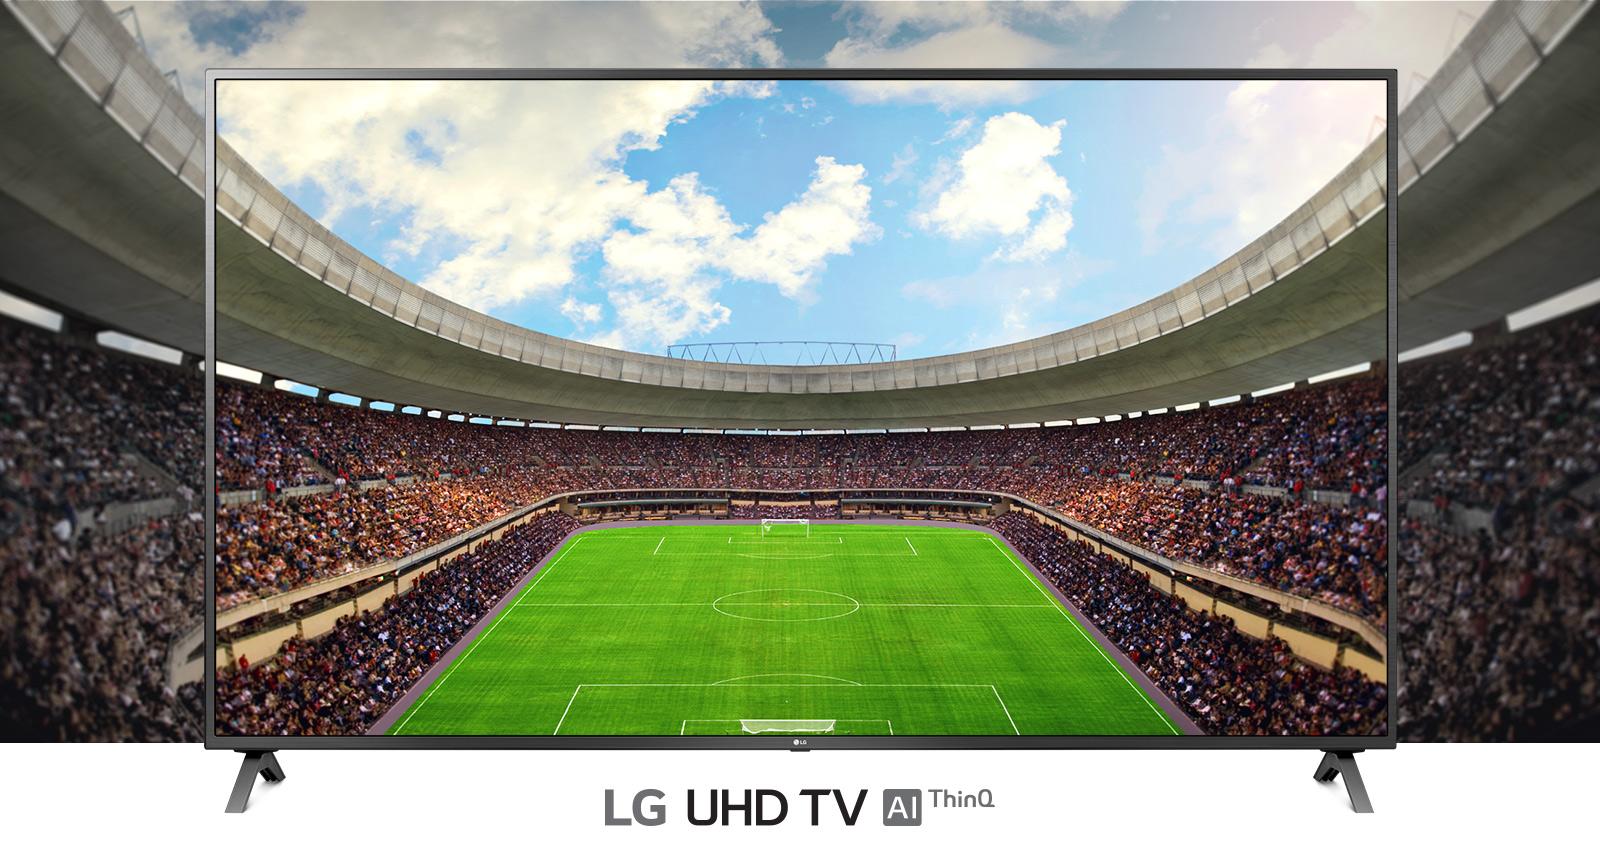 Tivi 4K đích thực đáp ứng nhu cầu giải trí của bạn